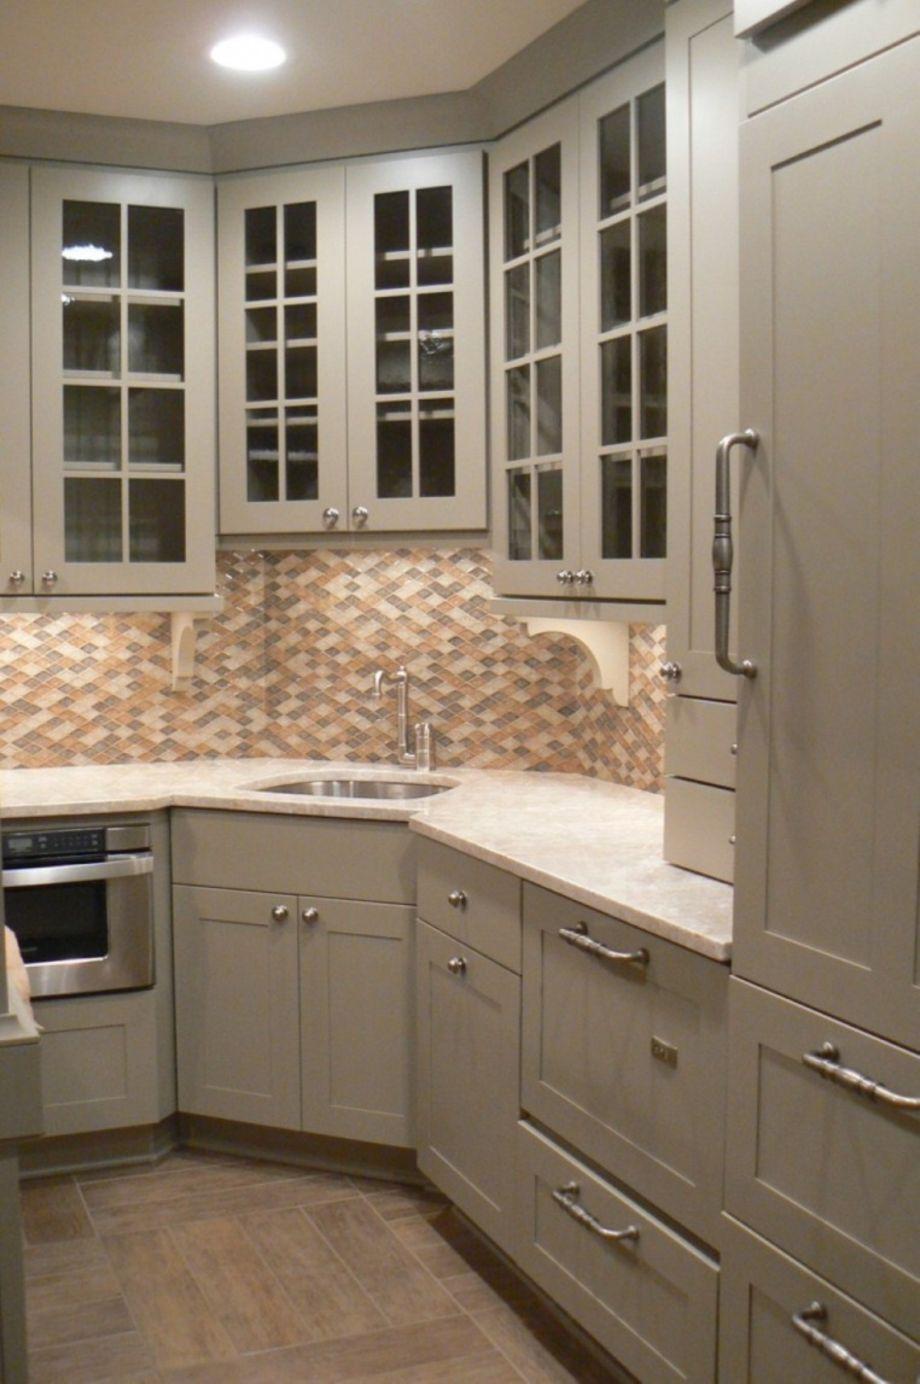 65 Stylish Kitchen Designs Ideas With Corner Sinks